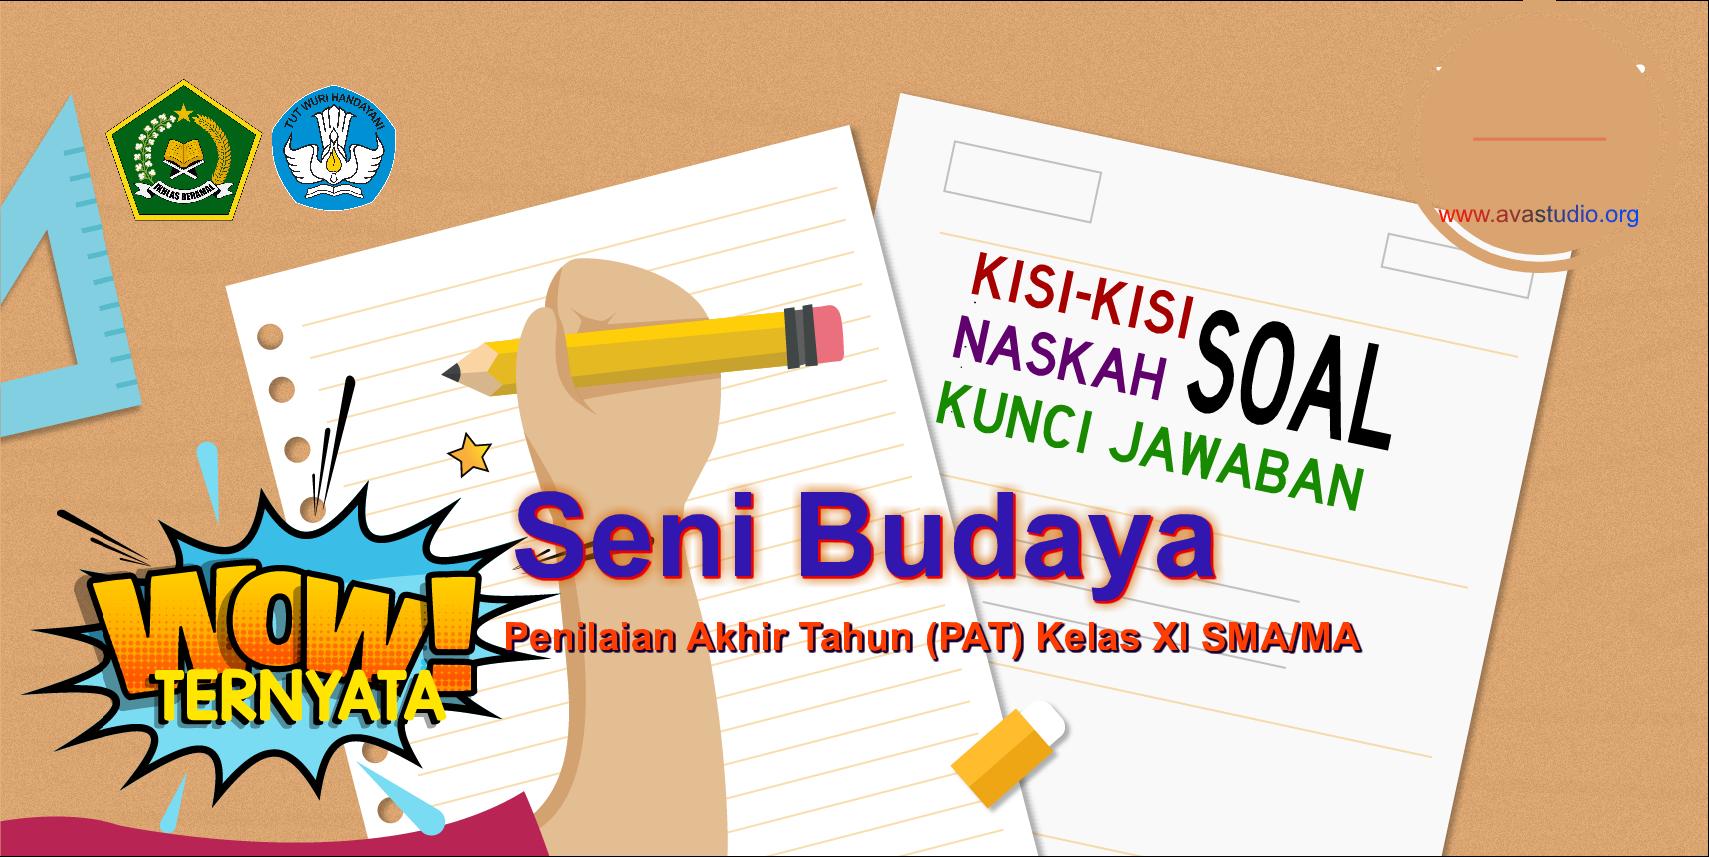 Kisi-Kisi, Naskah Soal dan Kunci PAT Seni Budaya Kelas XI SMA/MA Kurikulum 2013